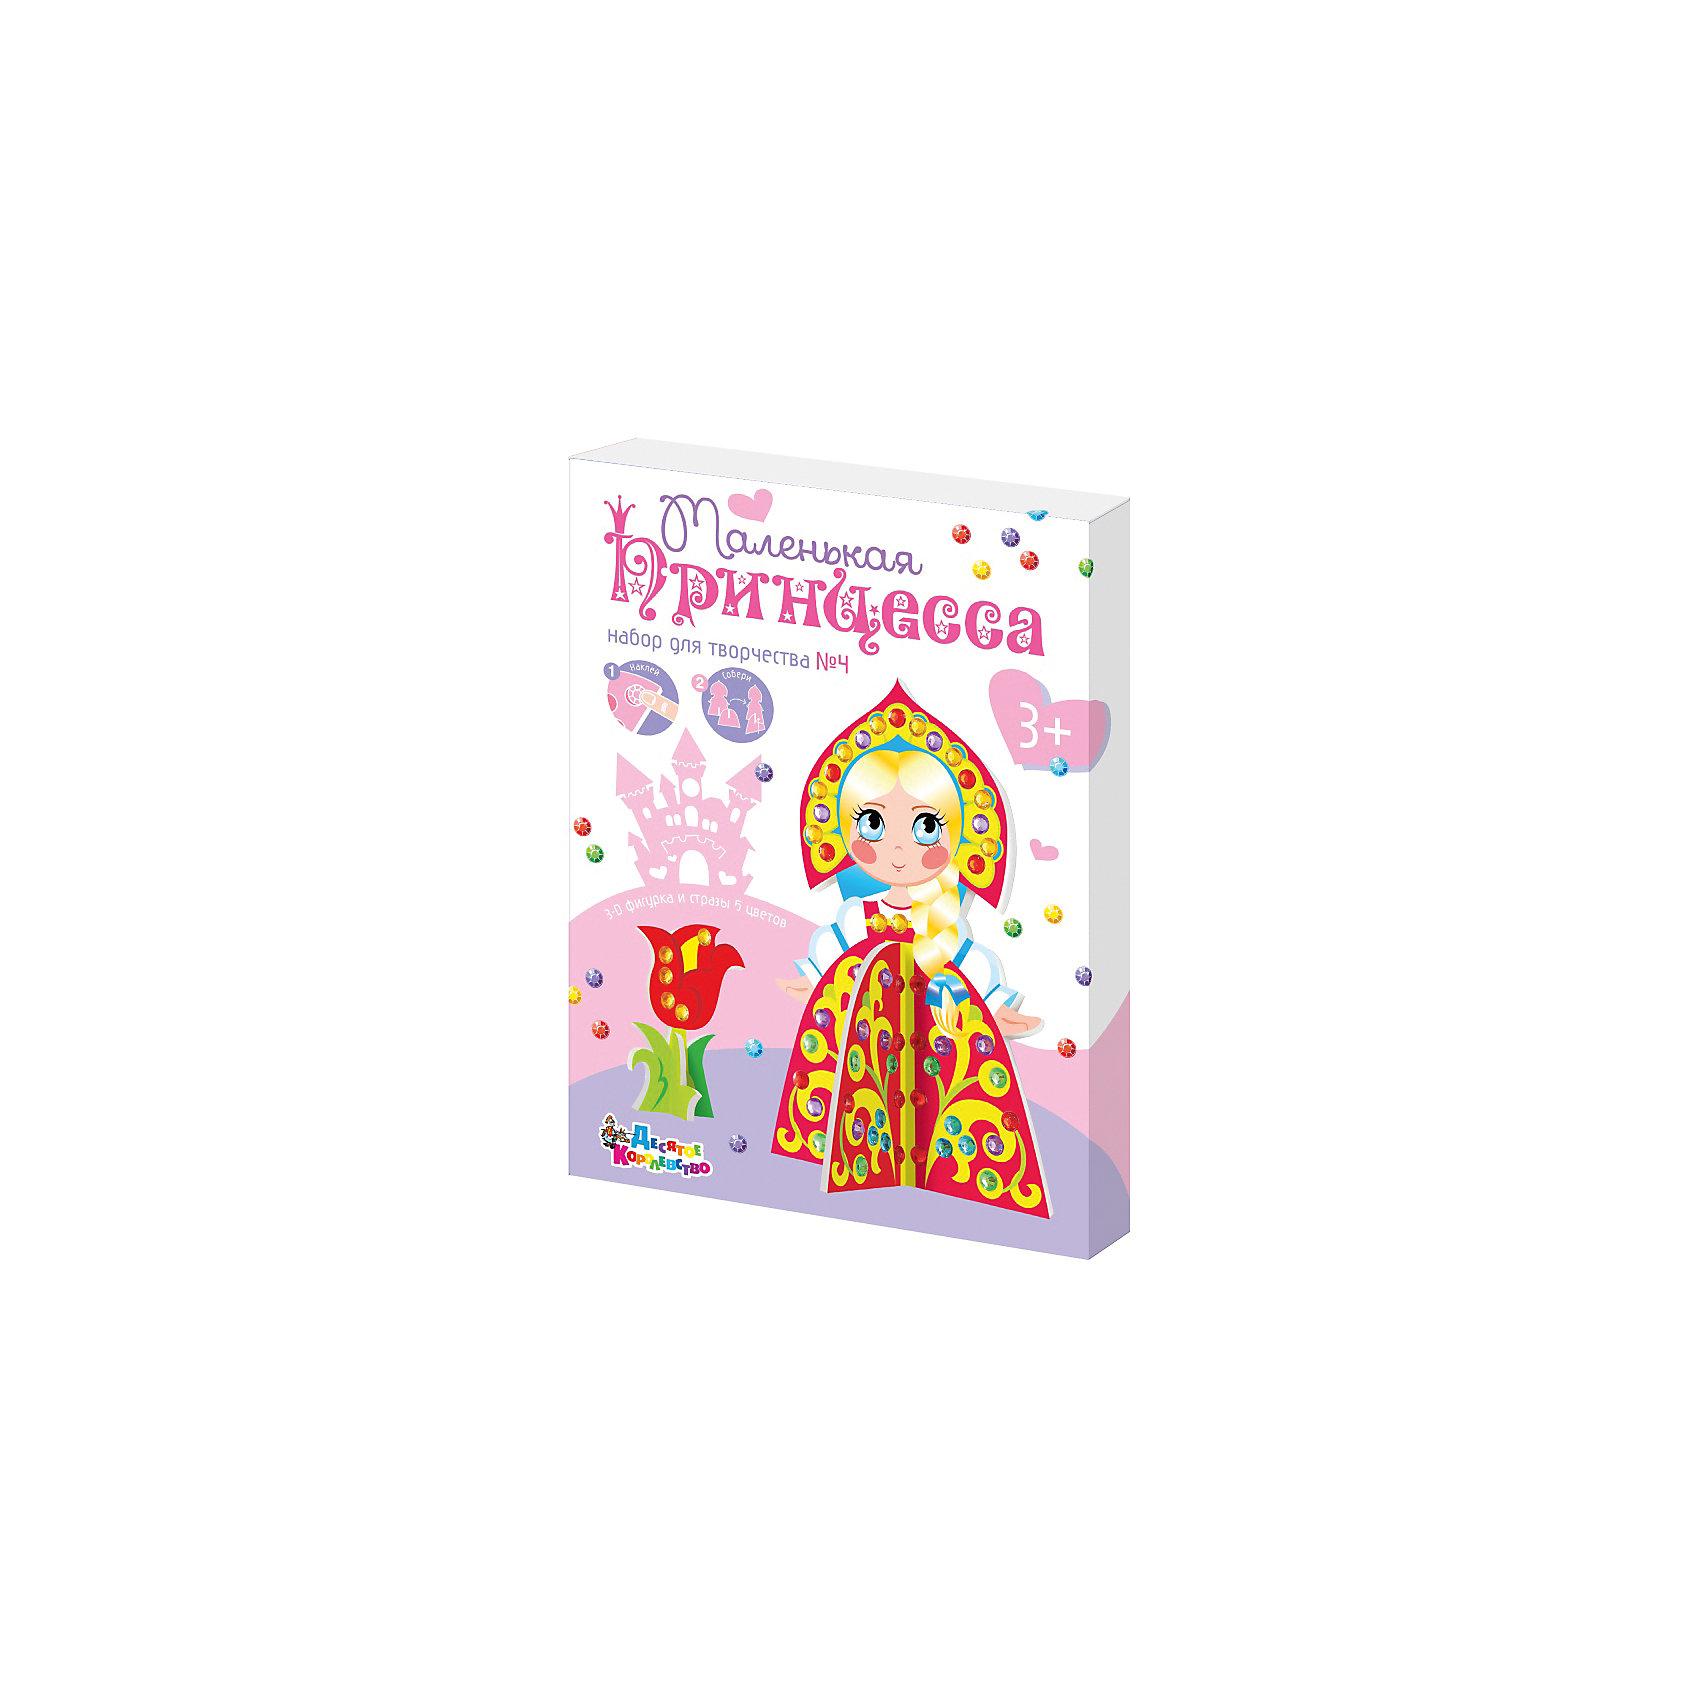 Набор для творчества из страз 3D Принцесса, Десятое королевствоМозаика детская<br>Набор для творчества из страз 3D Принцесса, Десятое королевство<br><br>Характеристики:<br><br>• Возраст: от 7 лет<br>• В комплекте: заготовка из вспененного полимерного материала с изображением принцессы и цветка, стразы<br>• Количество цетов: 5<br>• Размер готовой картинки: 11х11х15см<br><br>Этот набор даст вашему ребенку увлекательно провести время за украшением заготовки яркими цветными стразами. Для удобства - в наборе присутствуют подсказки, как лучше осуществлять приклеивание декоративных элементов. После того, как заготовки будут украшены, можно соединить 3D паззлы в одну фигуру. Работать с набором рекомендуется под присмотром взрослых. Данная игрушка развивает мелкую моторику и усидчивость ребенка.<br><br>Набор для творчества из страз 3D Принцесса, Десятое королевство можно купить в нашем интернет-магазине.<br><br>Ширина мм: 170<br>Глубина мм: 230<br>Высота мм: 25<br>Вес г: 106<br>Возраст от месяцев: 84<br>Возраст до месяцев: 2147483647<br>Пол: Женский<br>Возраст: Детский<br>SKU: 5471671